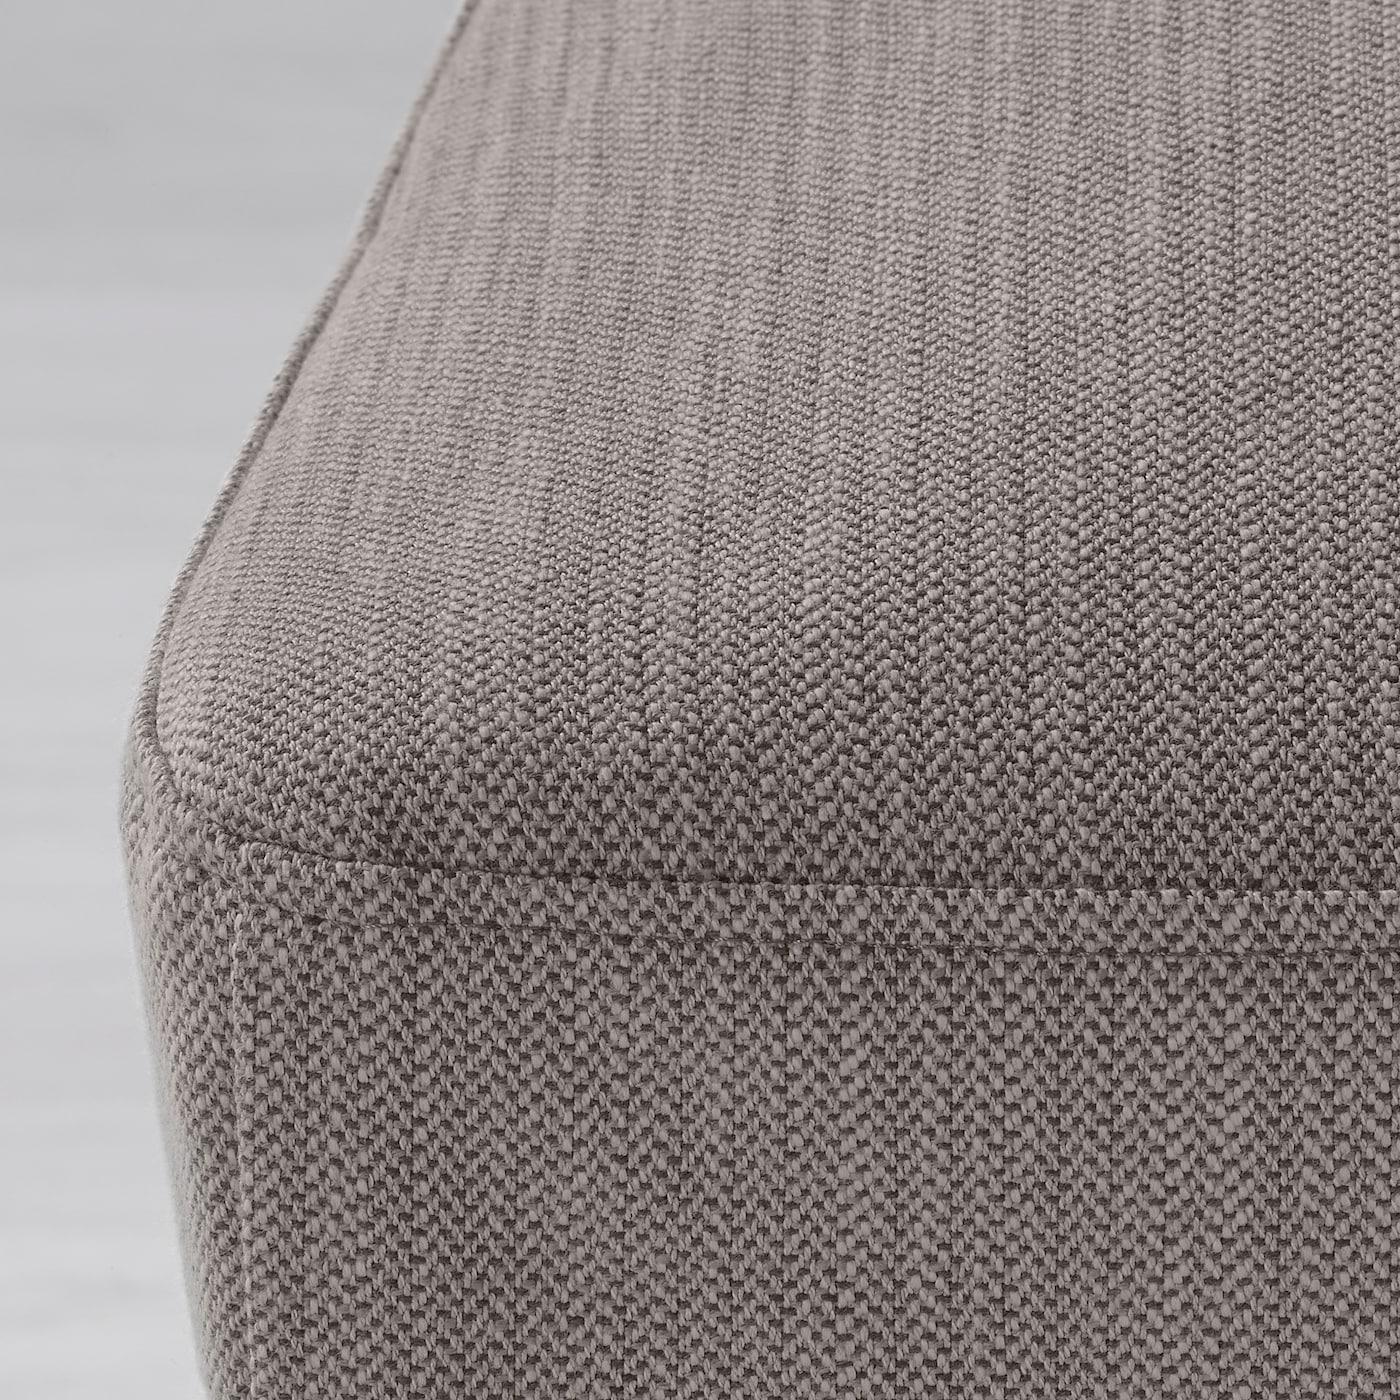 HENRIKSDAL Klädsel för stol Nolhaga gråbeige